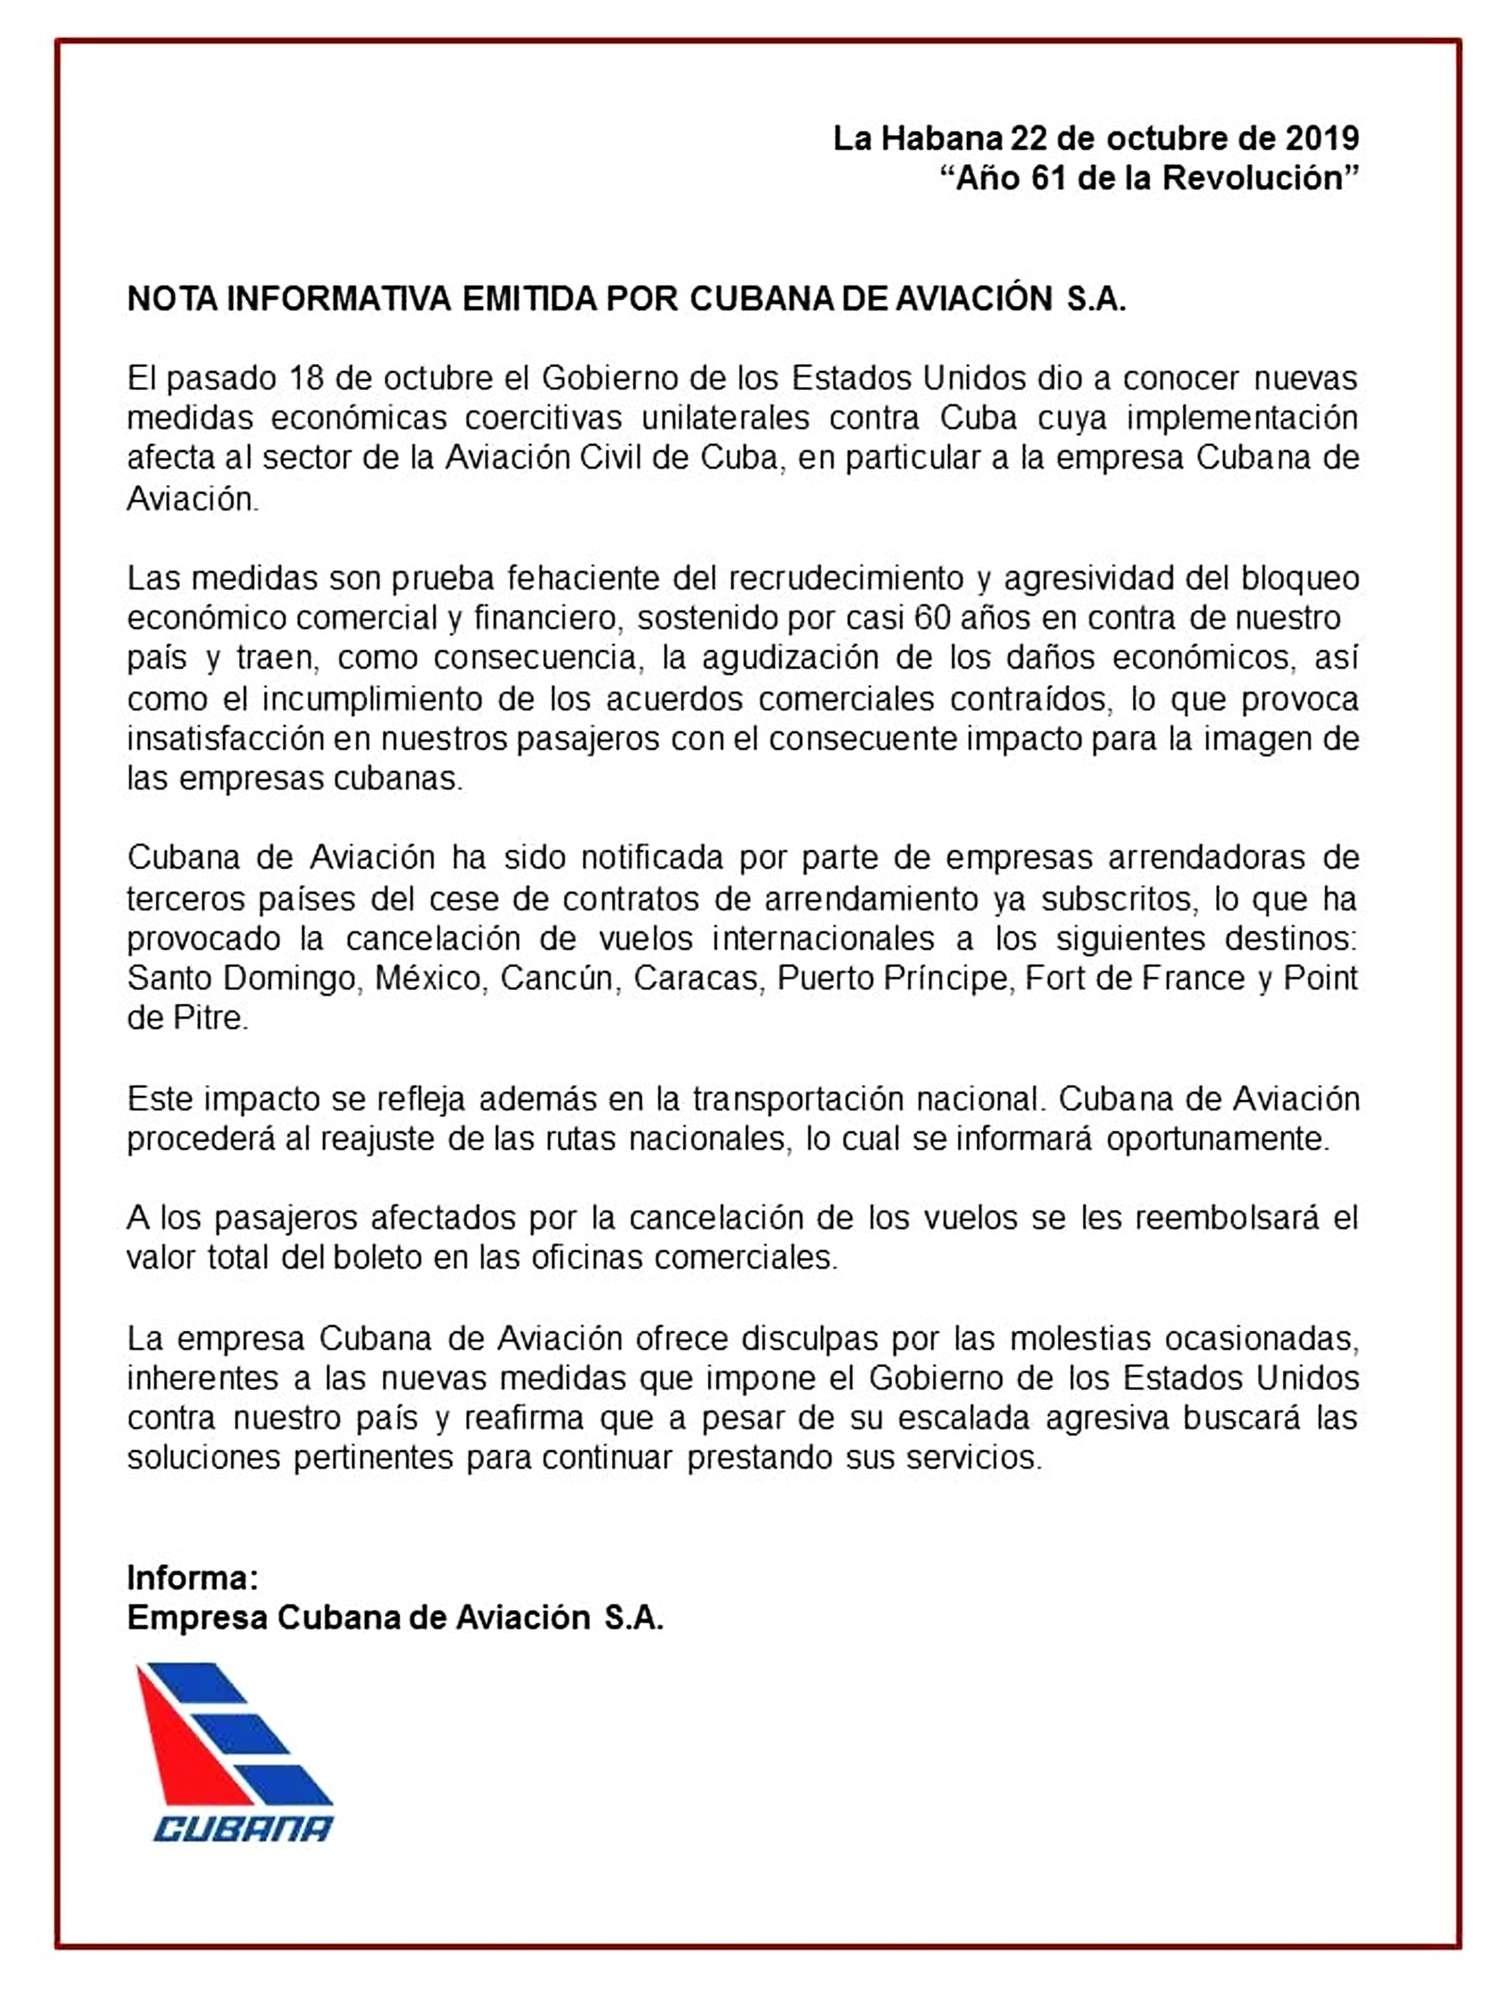 18 octubre 2019 el Gobierno de losEstadosUnidos dio a conocer nuevas medidas económicas coercitivas unilaterales contra Cuba